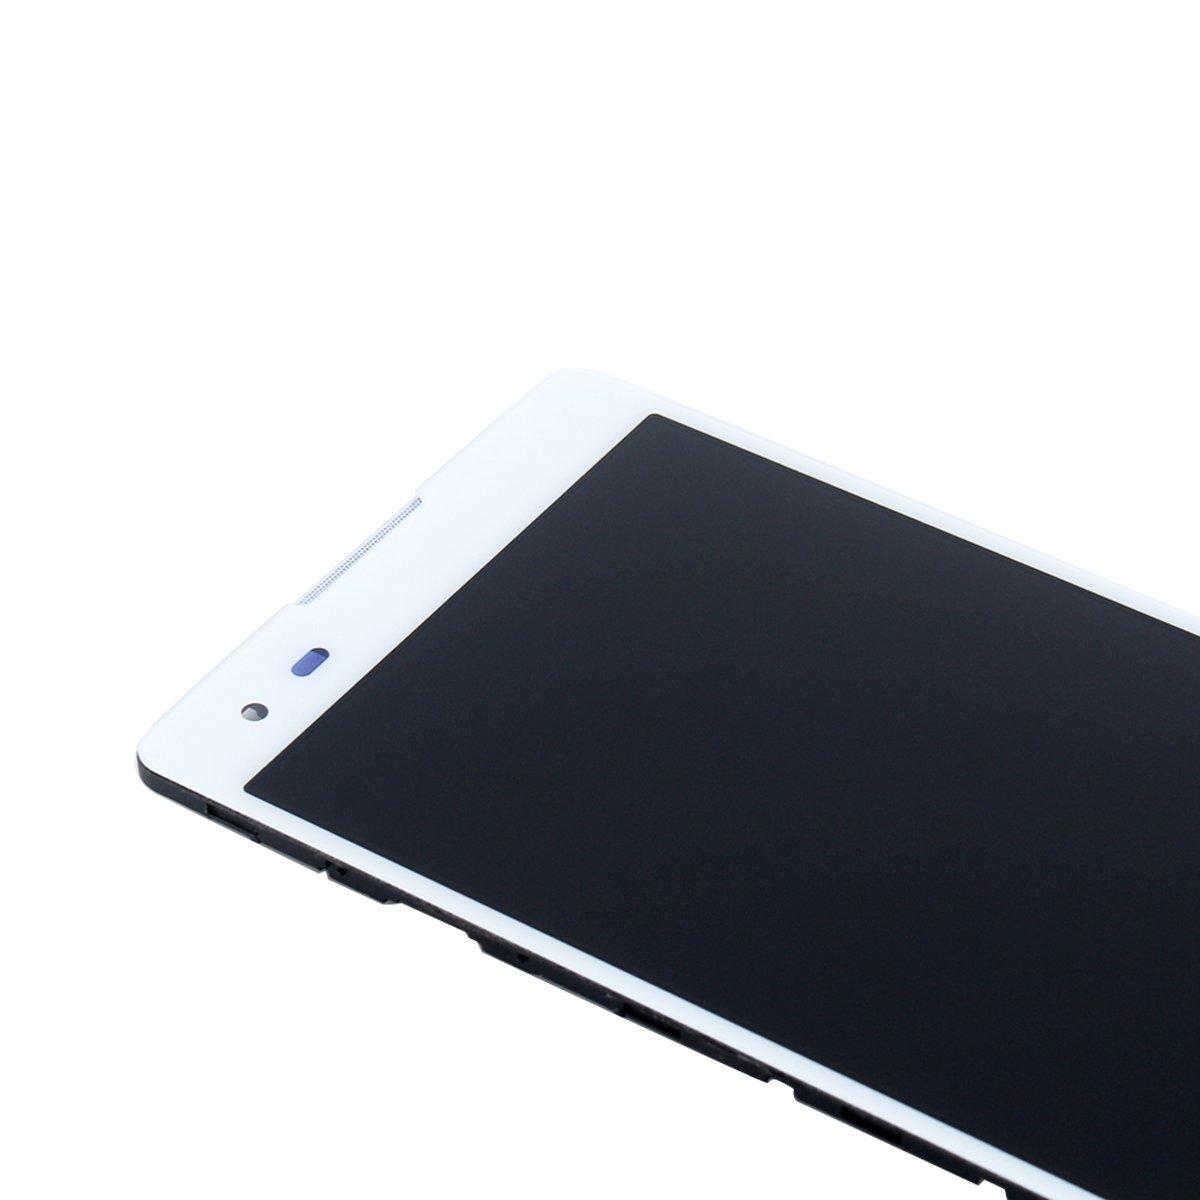 Ocolor Para Lenovo k8 note cajas de teléfonos móviles con varios ...